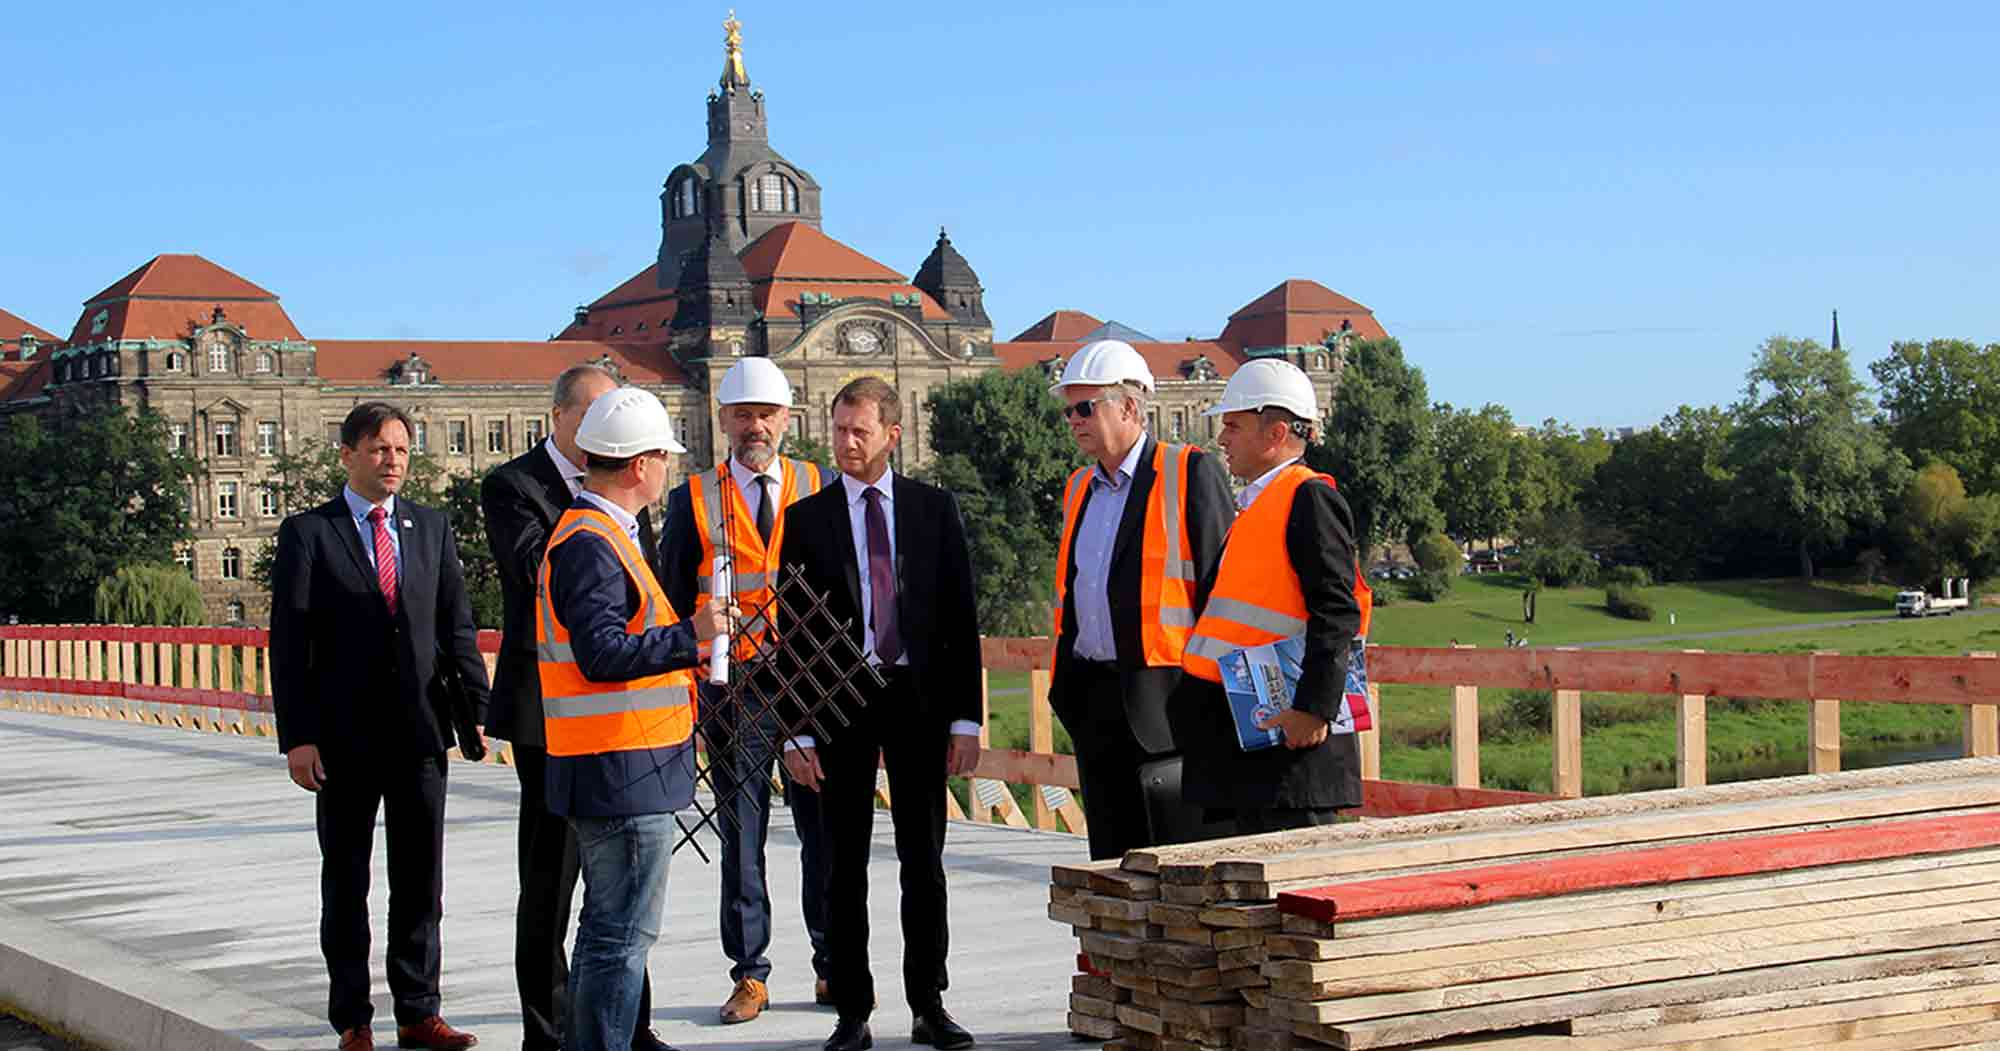 Ministerpräsident Michael Kretschmer besucht Hentschke Bau auf der Carolabrücke - mit Blick auf die Staatskanzlei